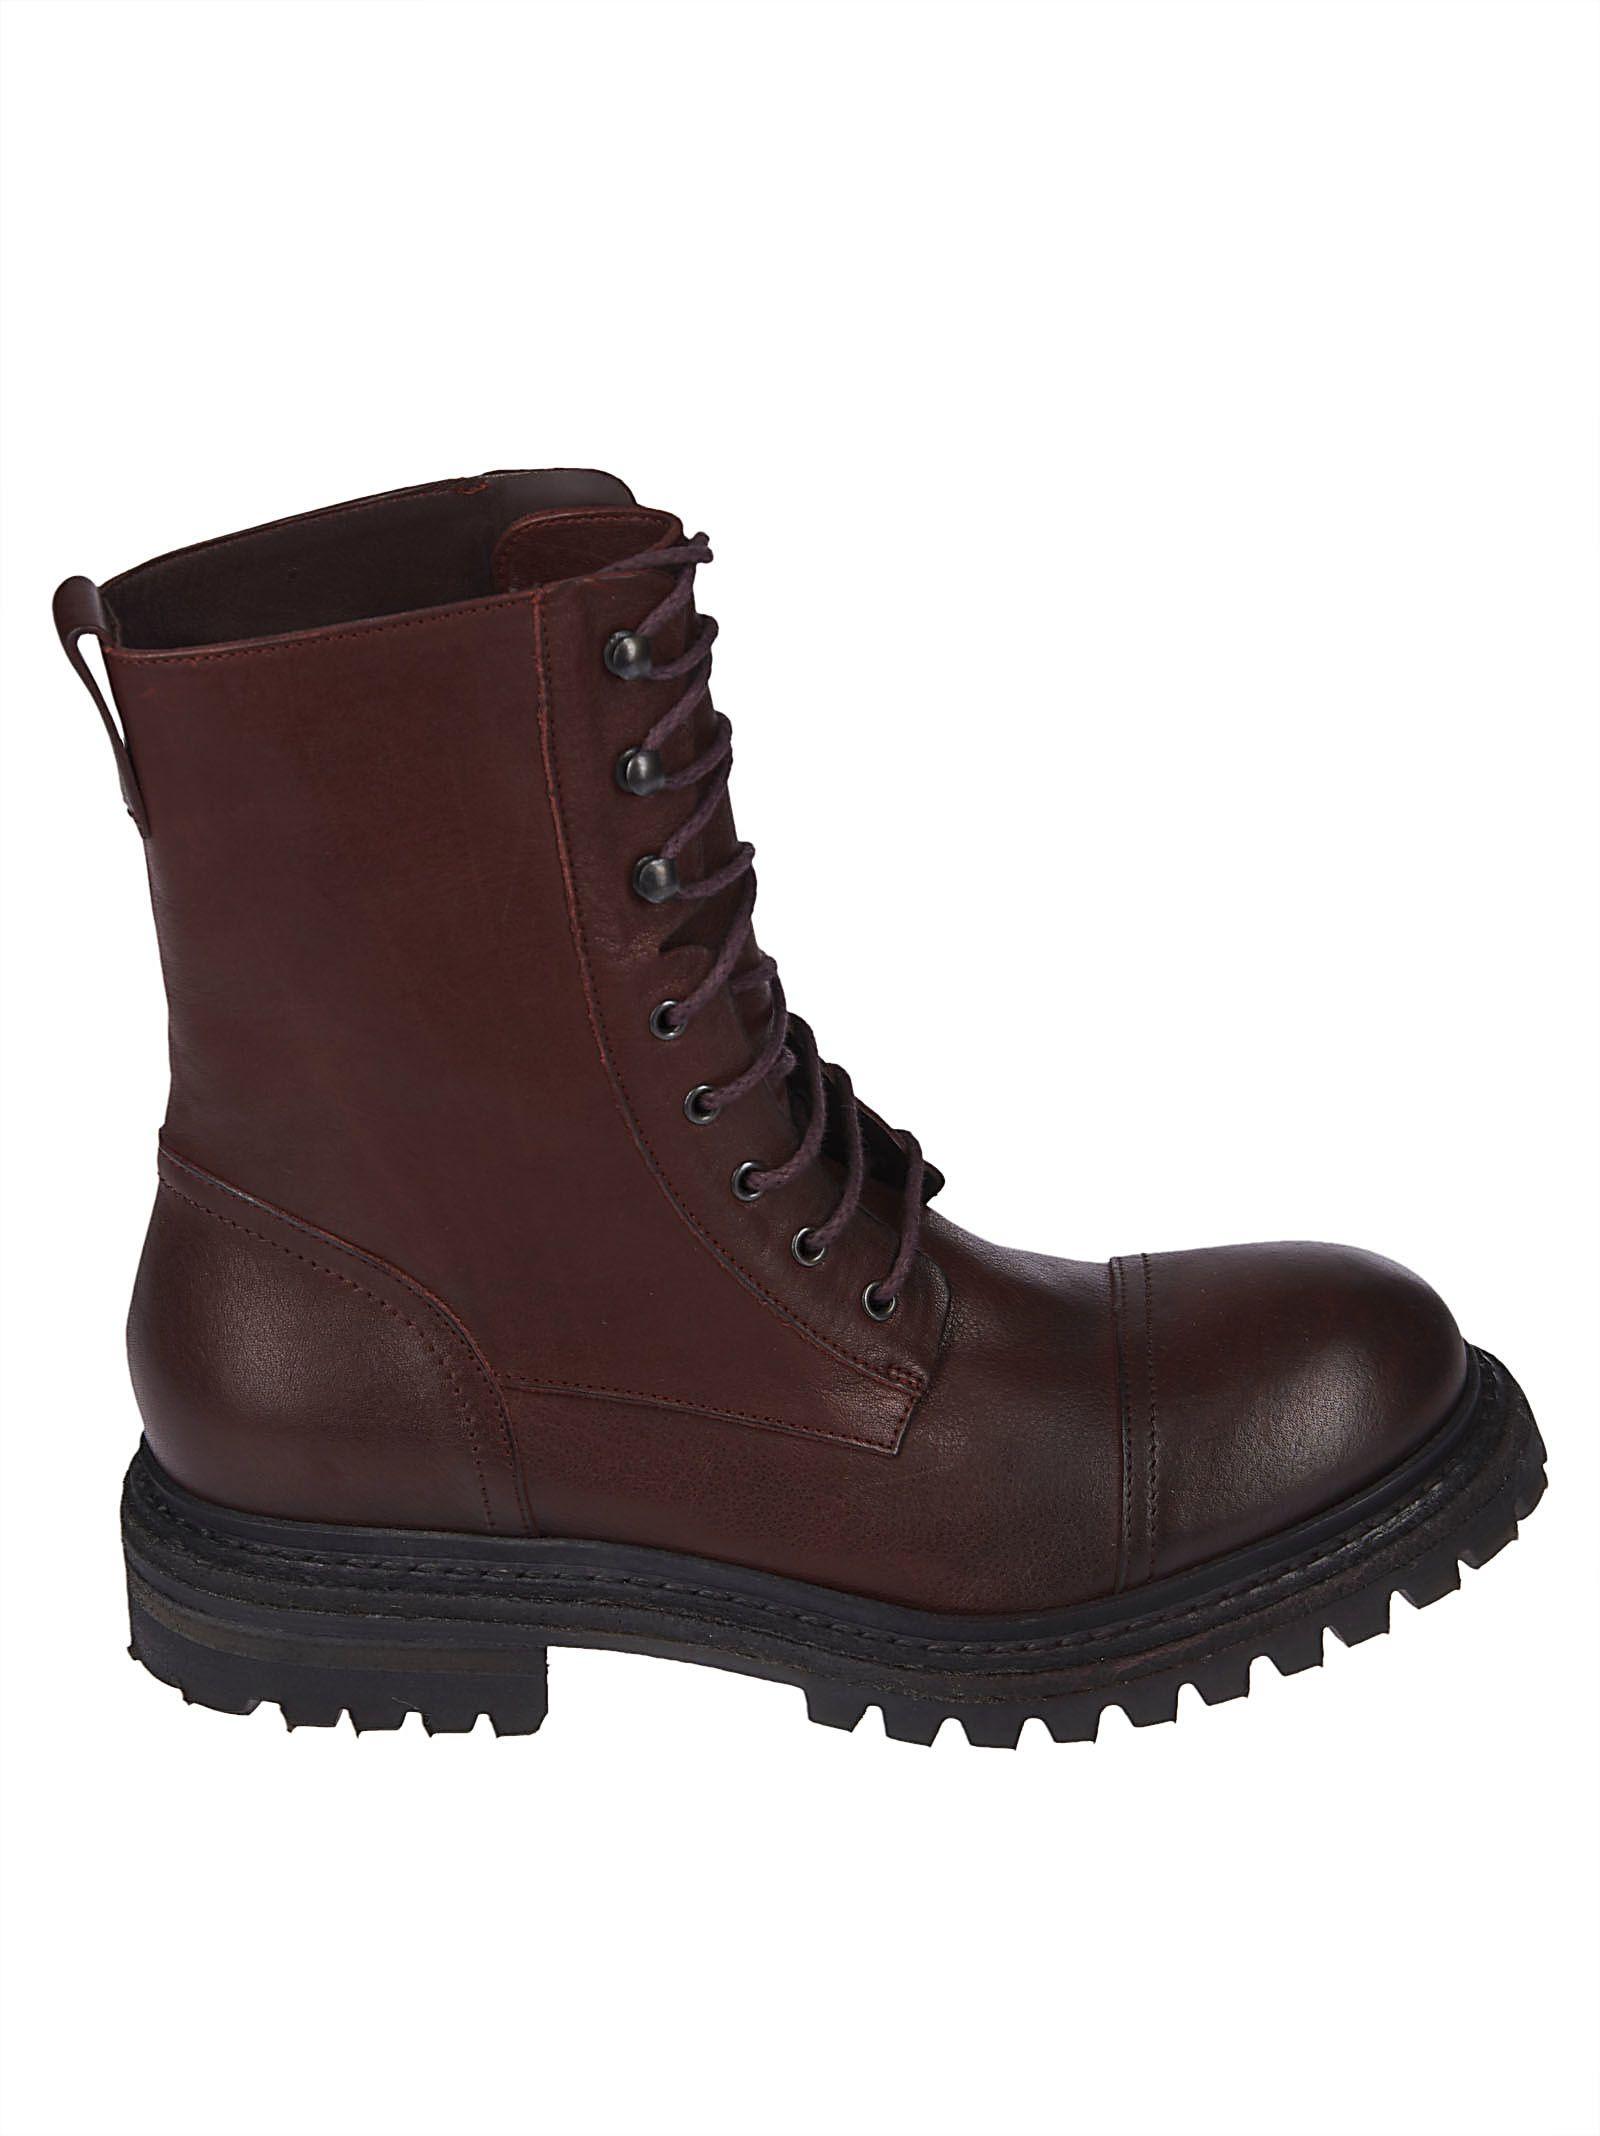 Roberto Del Carlo Classic Combat Boots